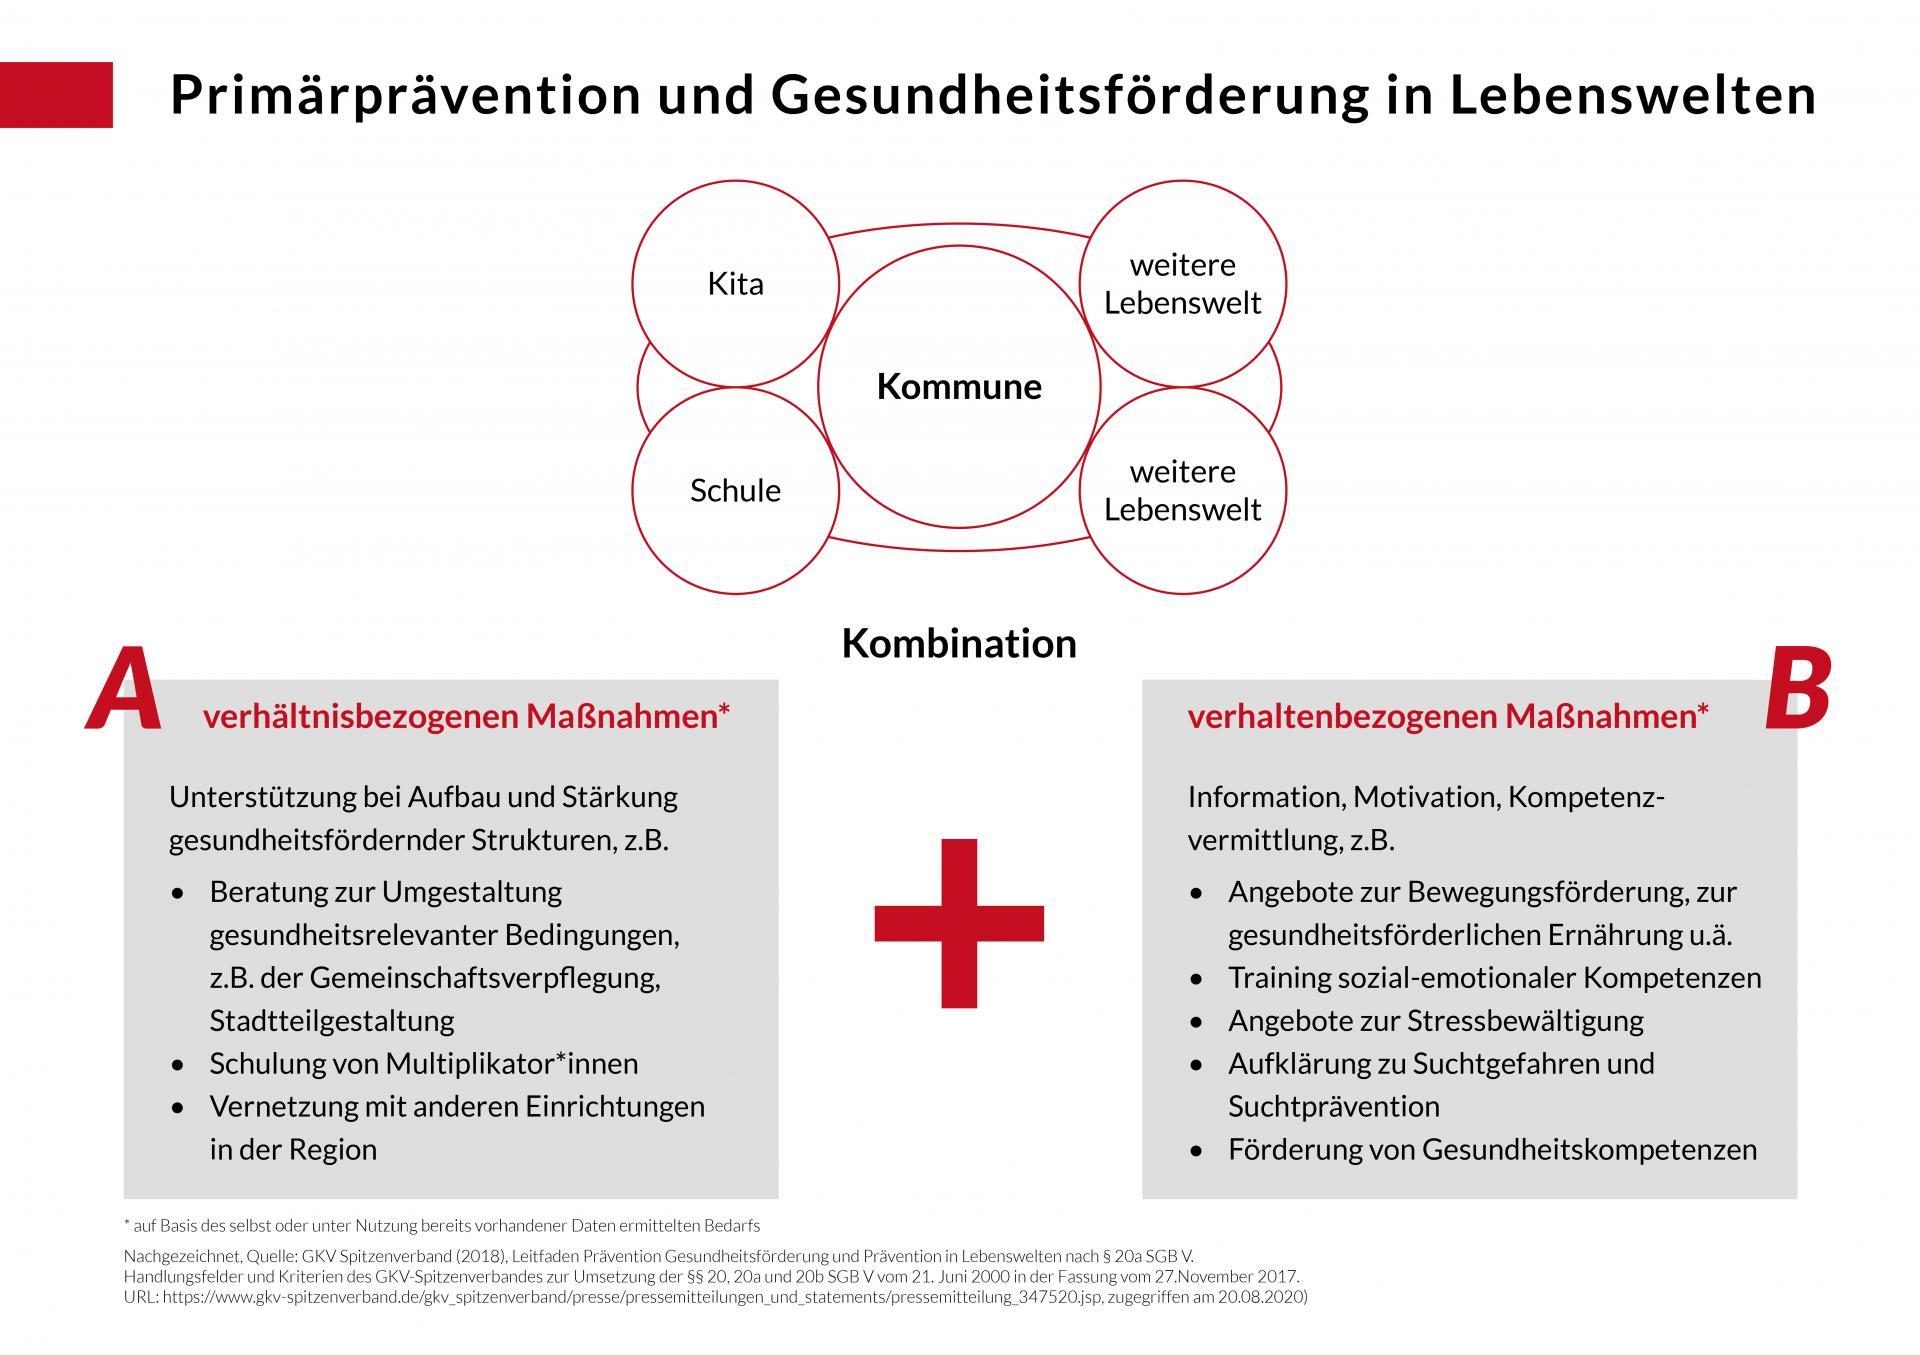 Primärprävention und Gesundheitsförderung in Lebenswelten